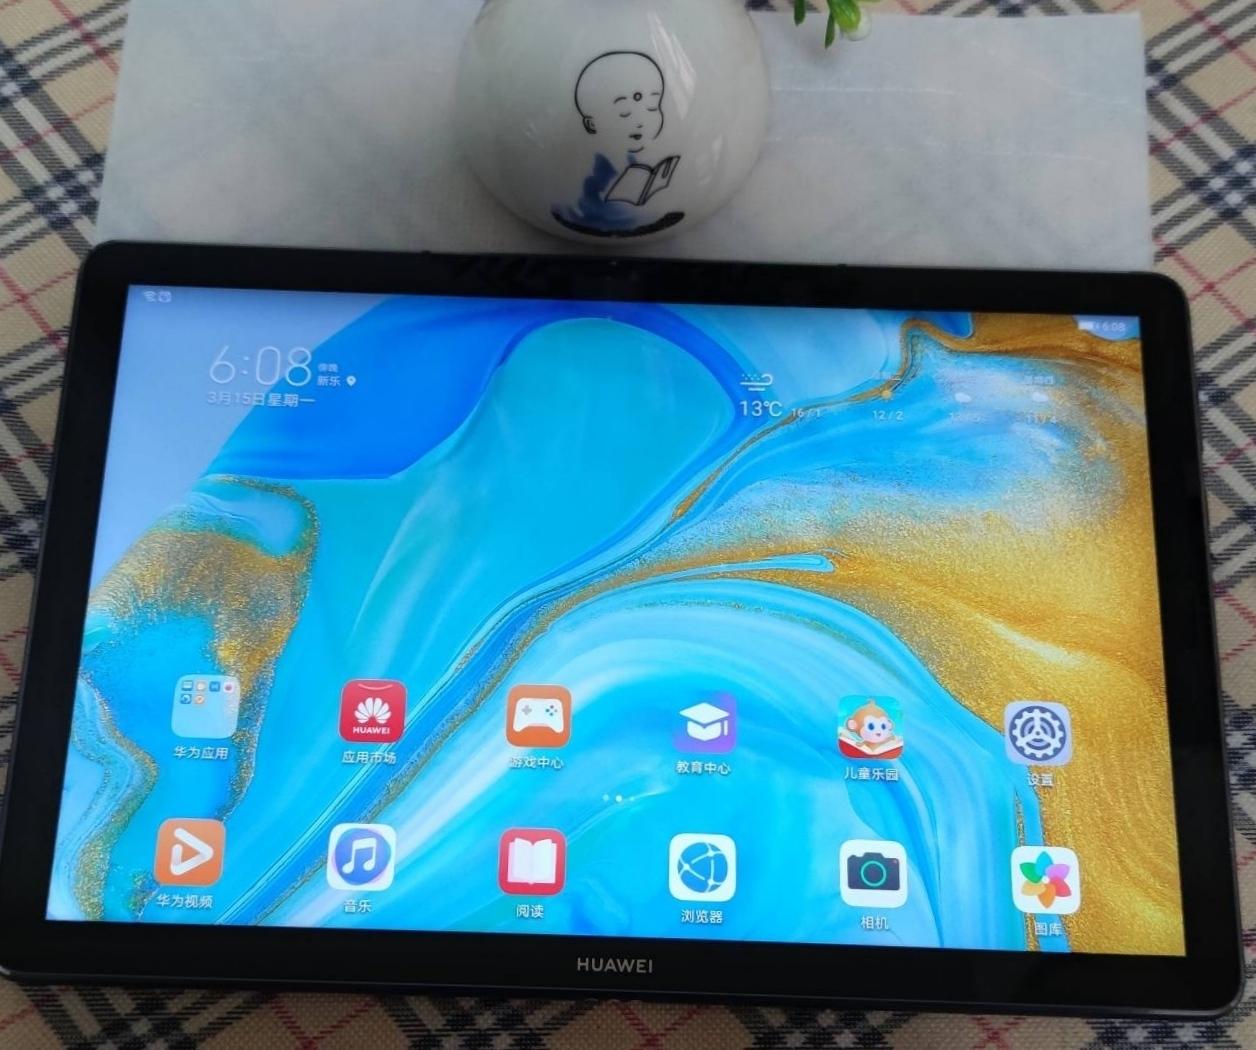 99新华为平板M6  10.8寸WIFI版128G